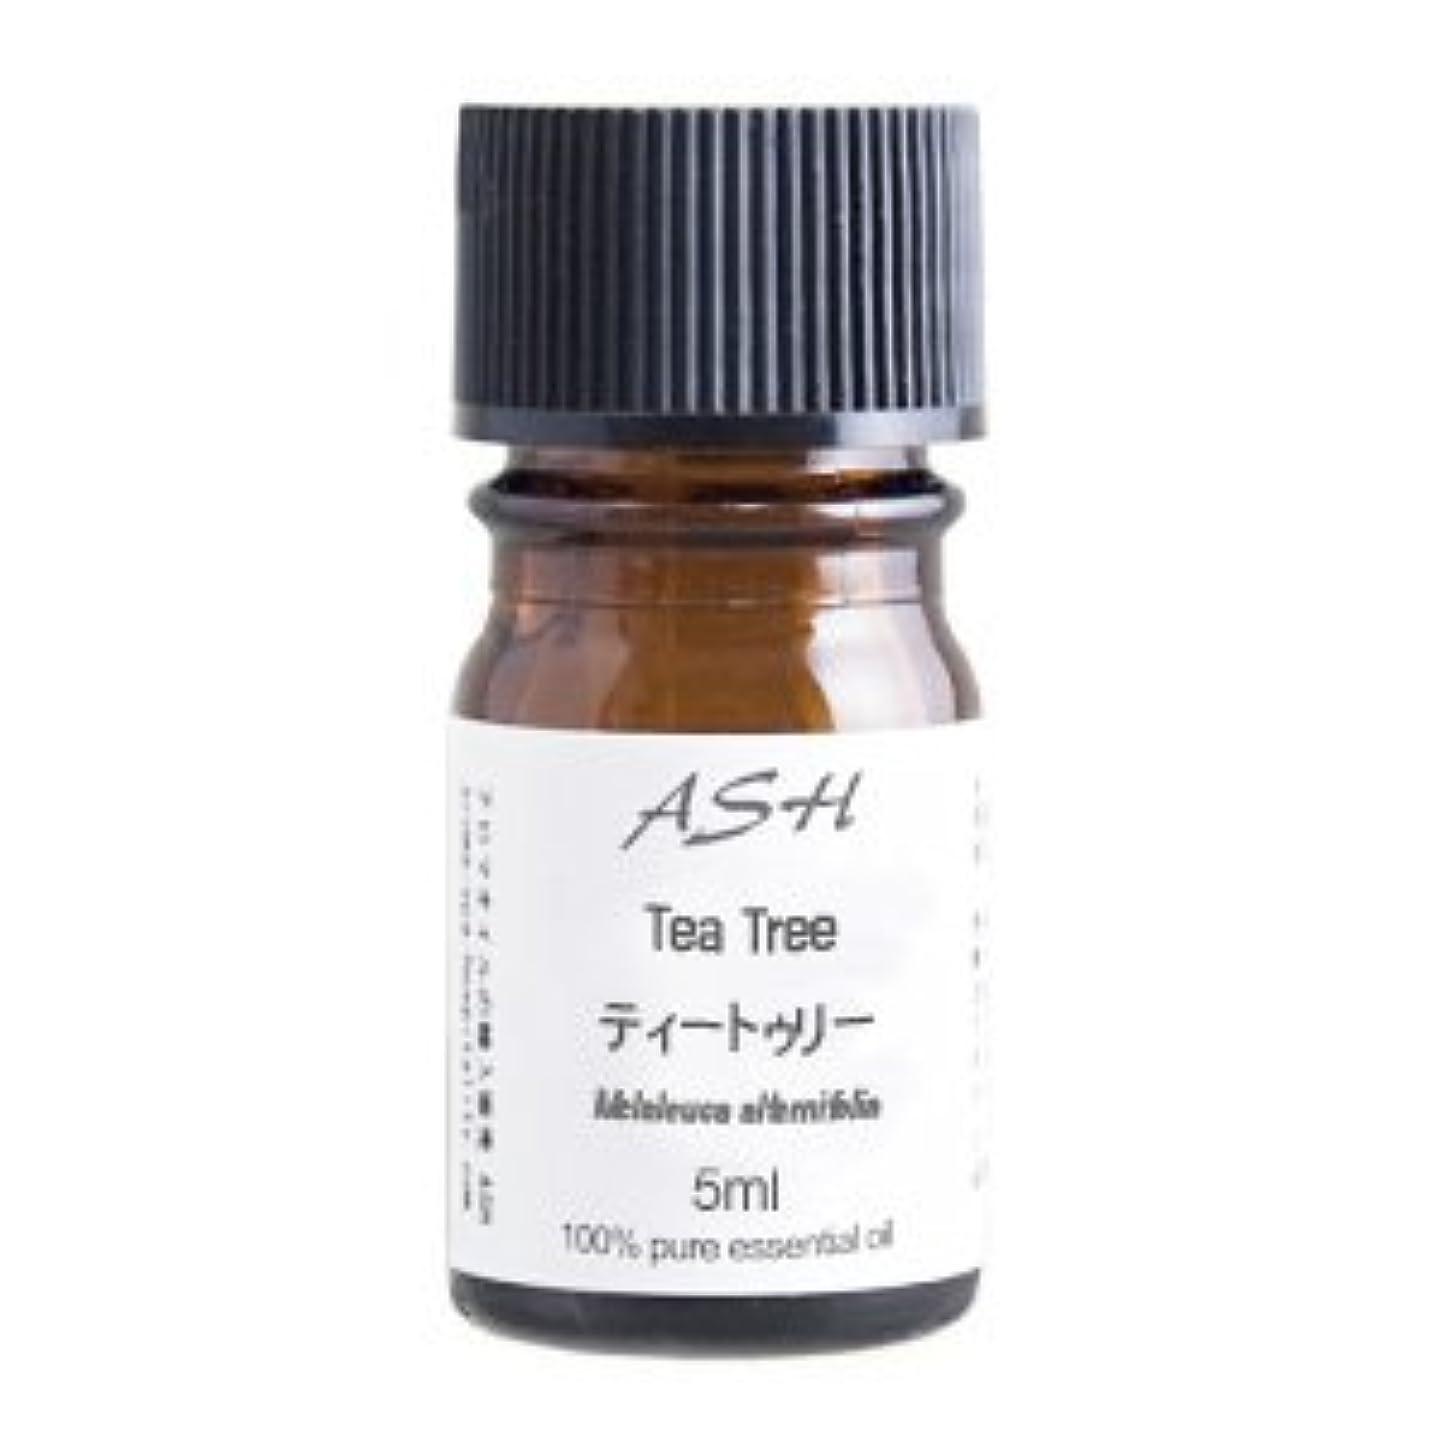 出席威する帰するASH ティートゥリー (ティーツリー) エッセンシャルオイル 5ml AEAJ表示基準適合認定精油